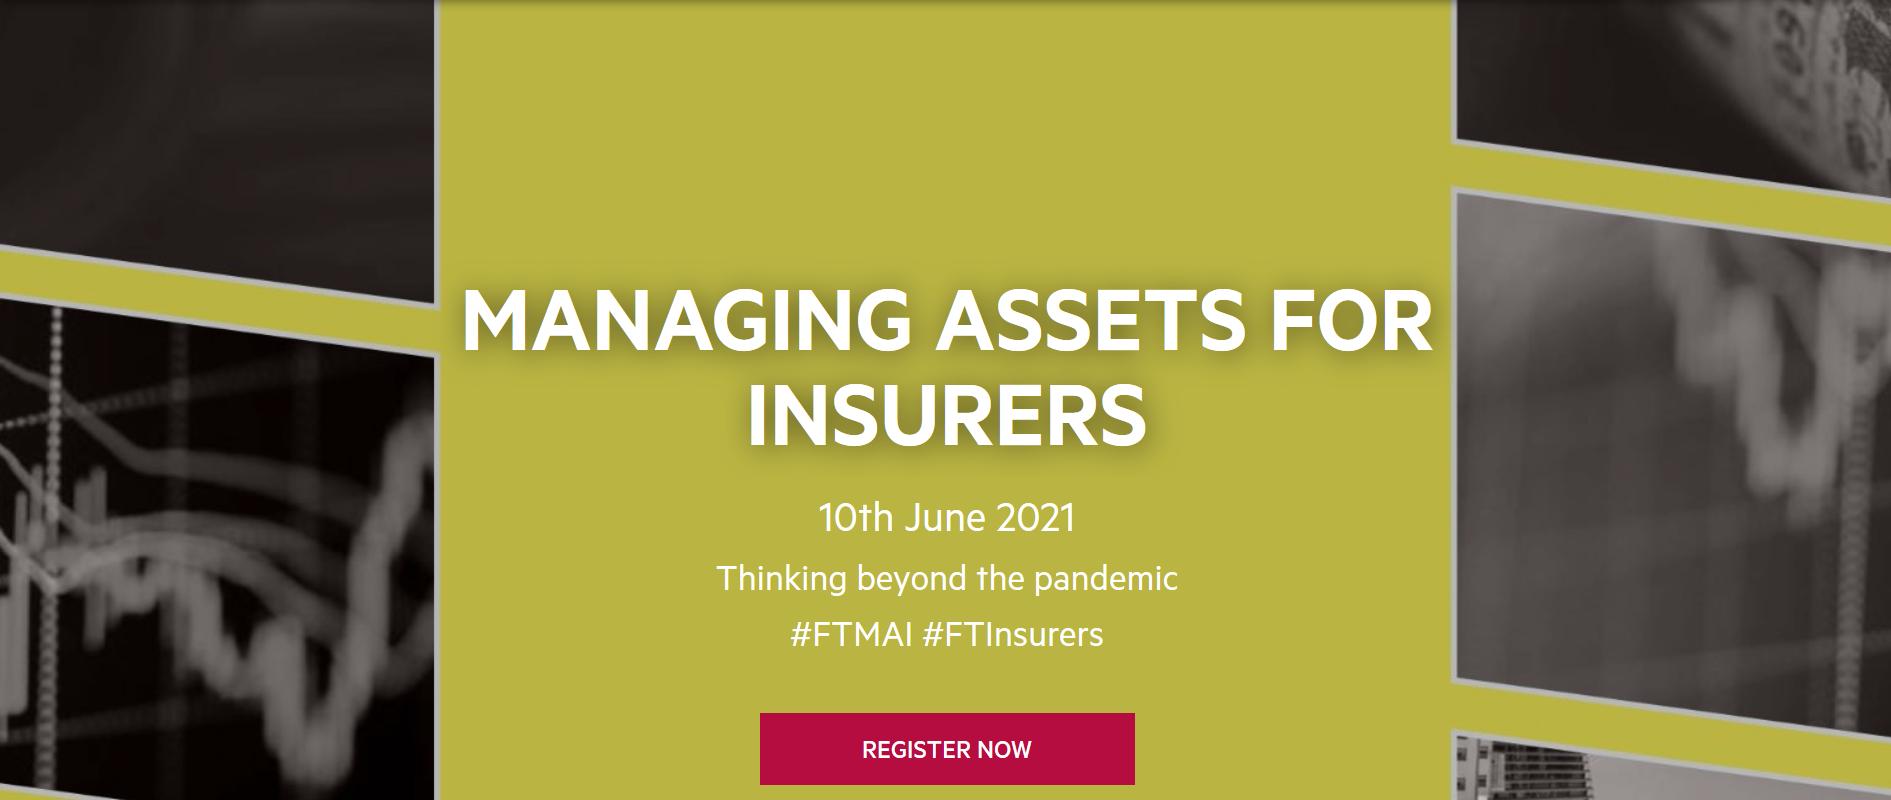 FT Managing Assets for Insurers digital conference 2021